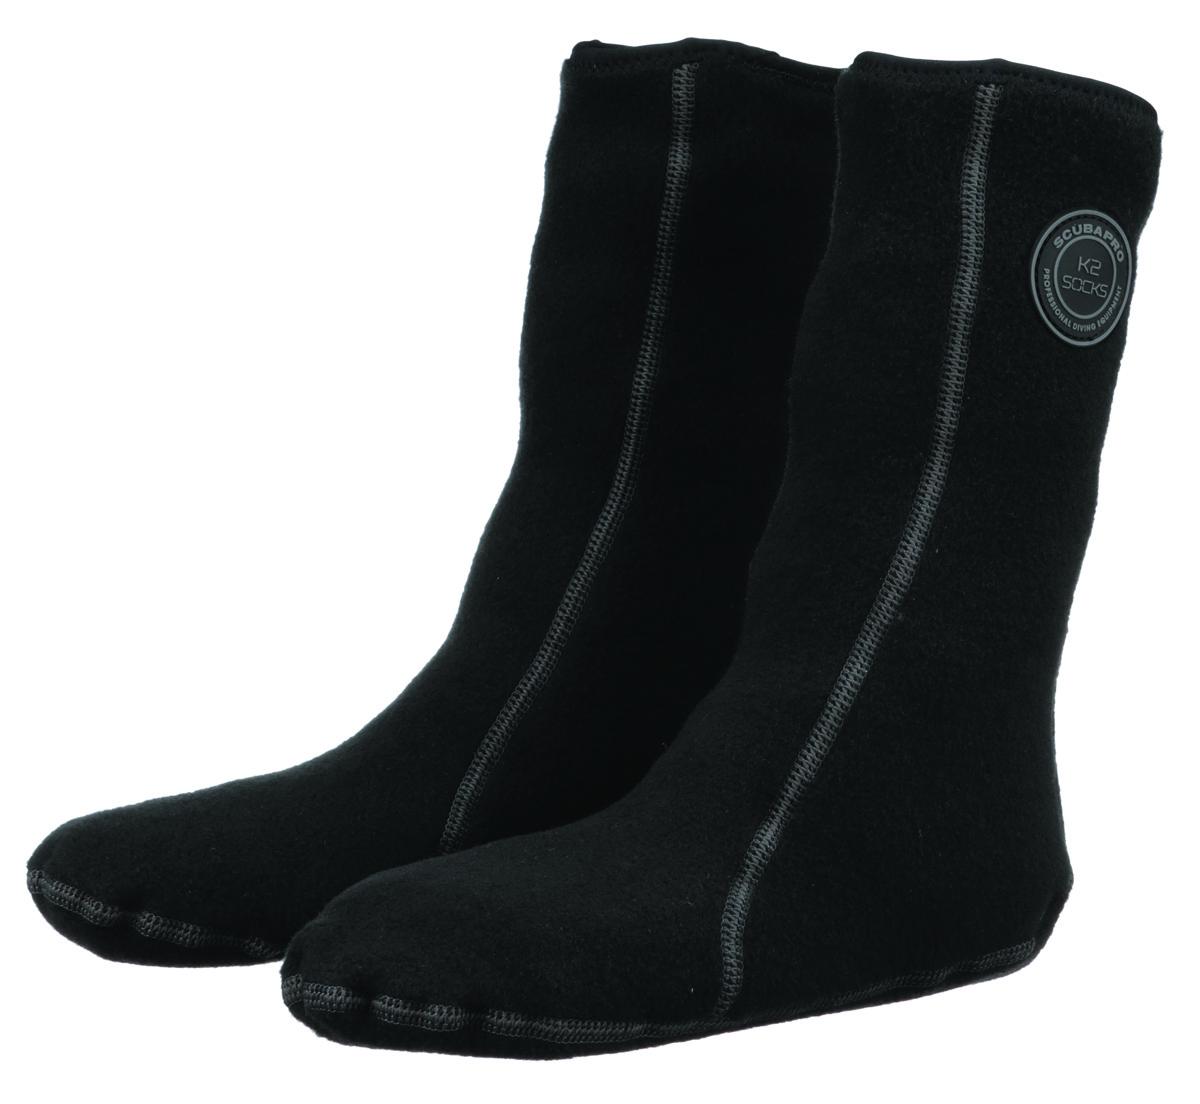 Scubapro K2 Socks